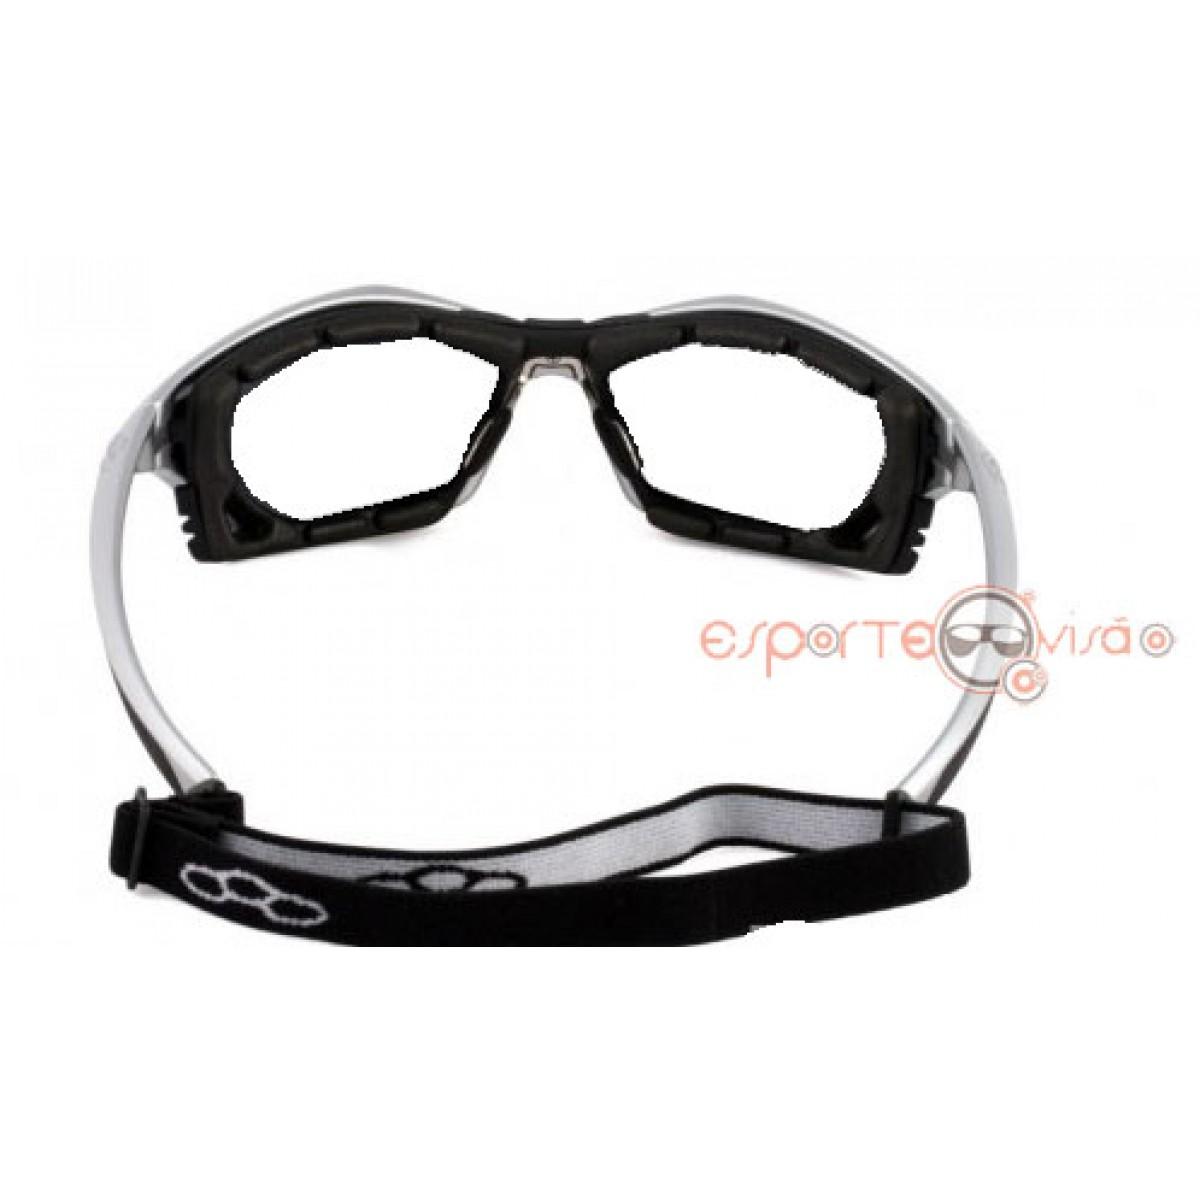 dfb2f33c1423a Óculos para Esportes Olympikus c  Lentes Policarbonato Incolor (c  ou s   grau